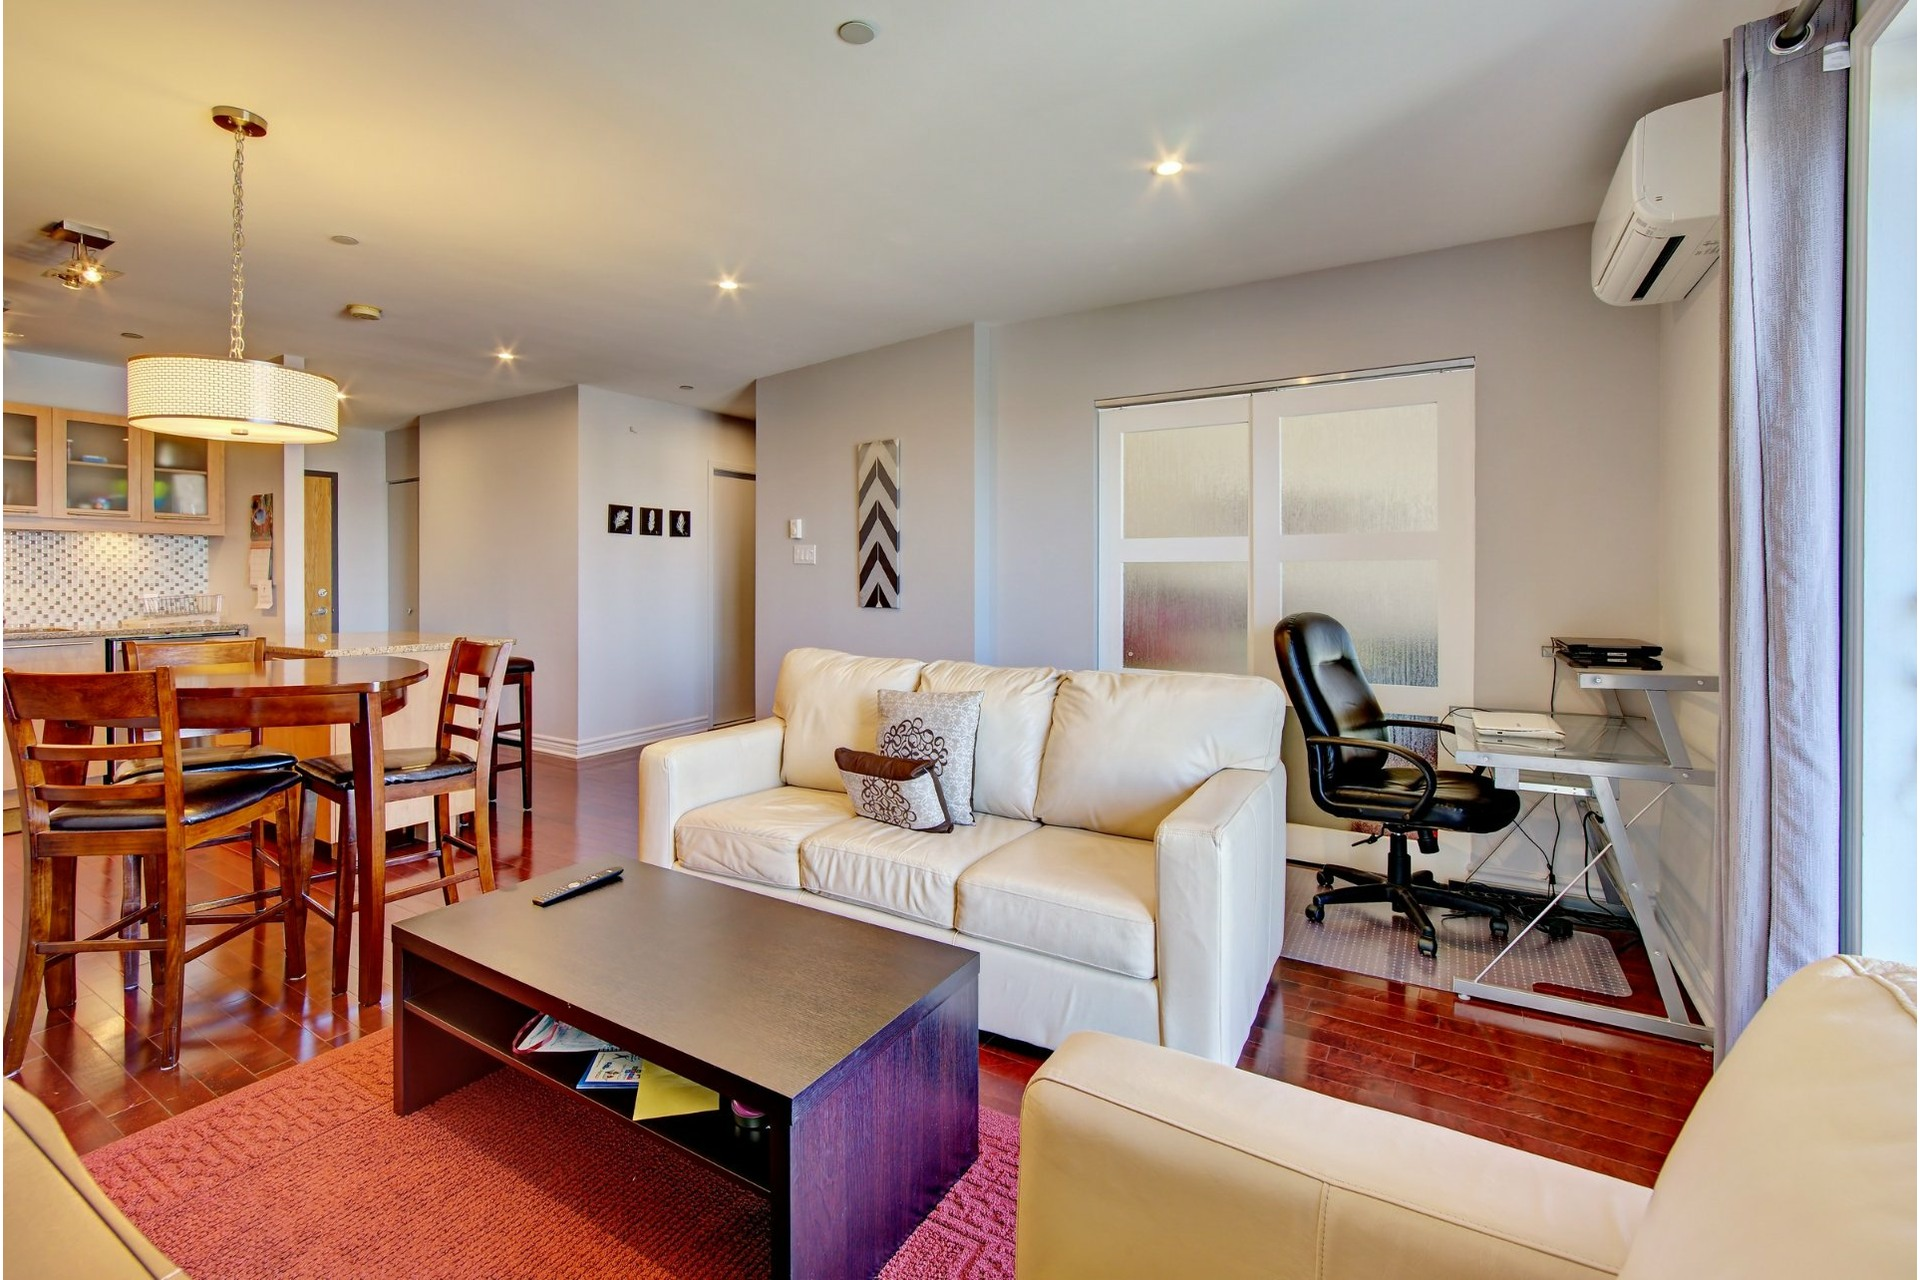 image 10 - Apartment For rent Laval-des-Rapides Laval  - 5 rooms